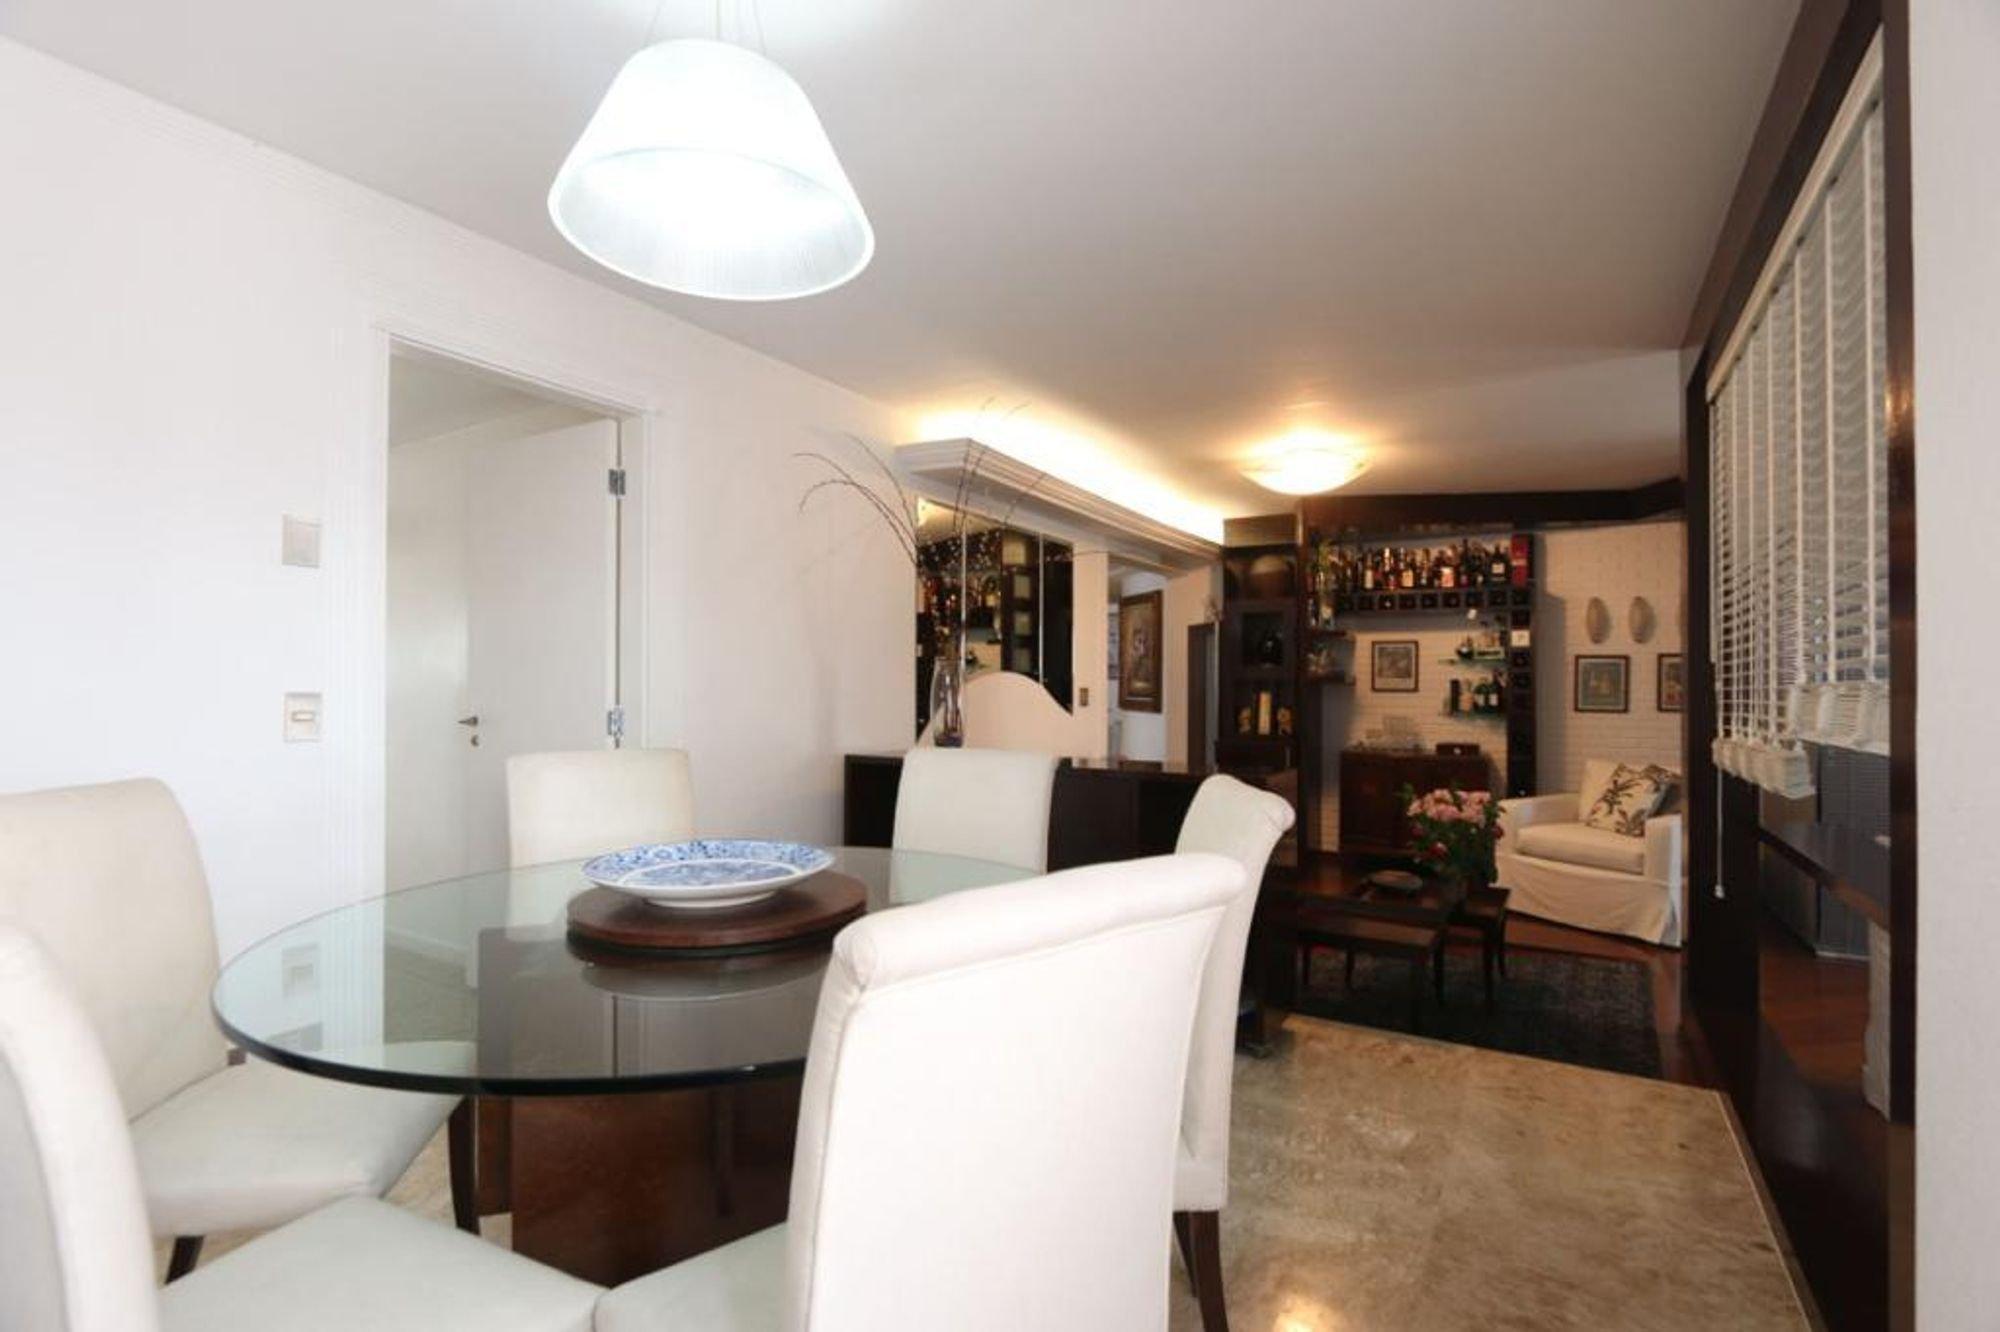 Foto de Sala com sofá, tigela, cadeira, mesa de jantar